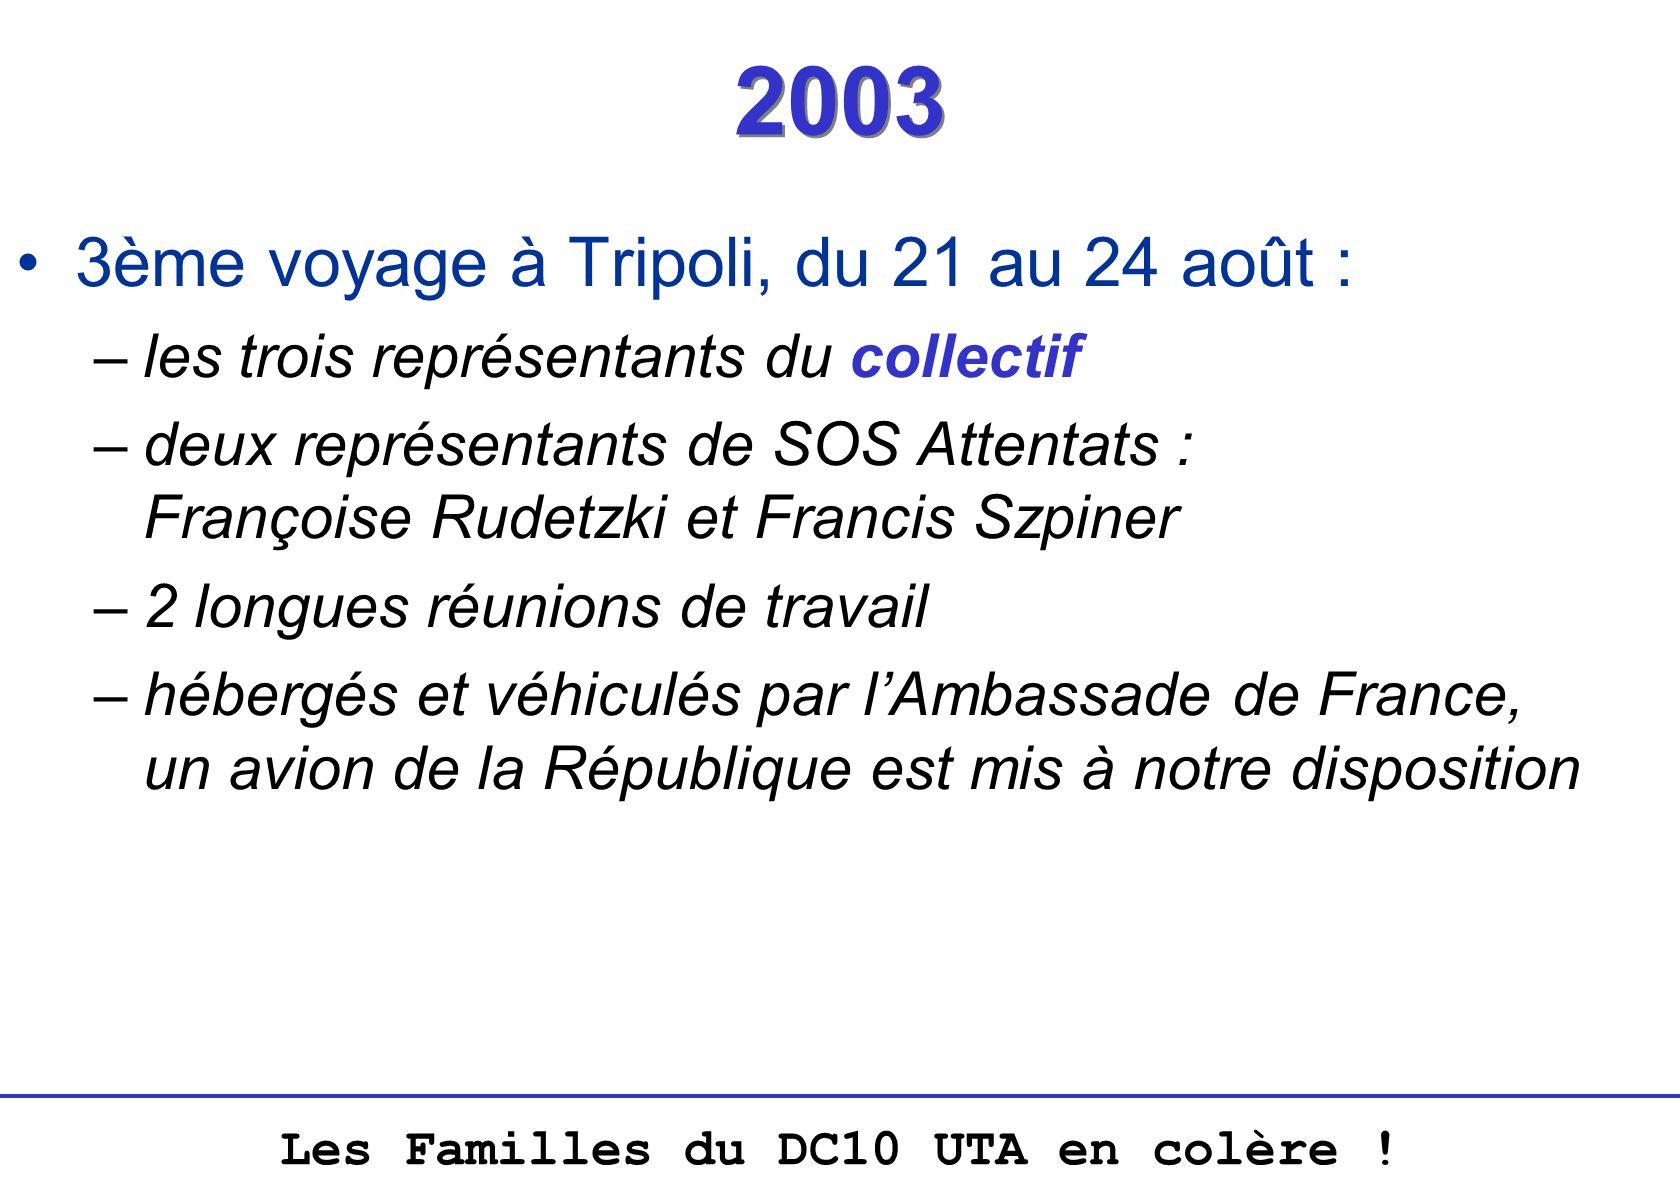 2003 3ème voyage à Tripoli, du 21 au 24 août :